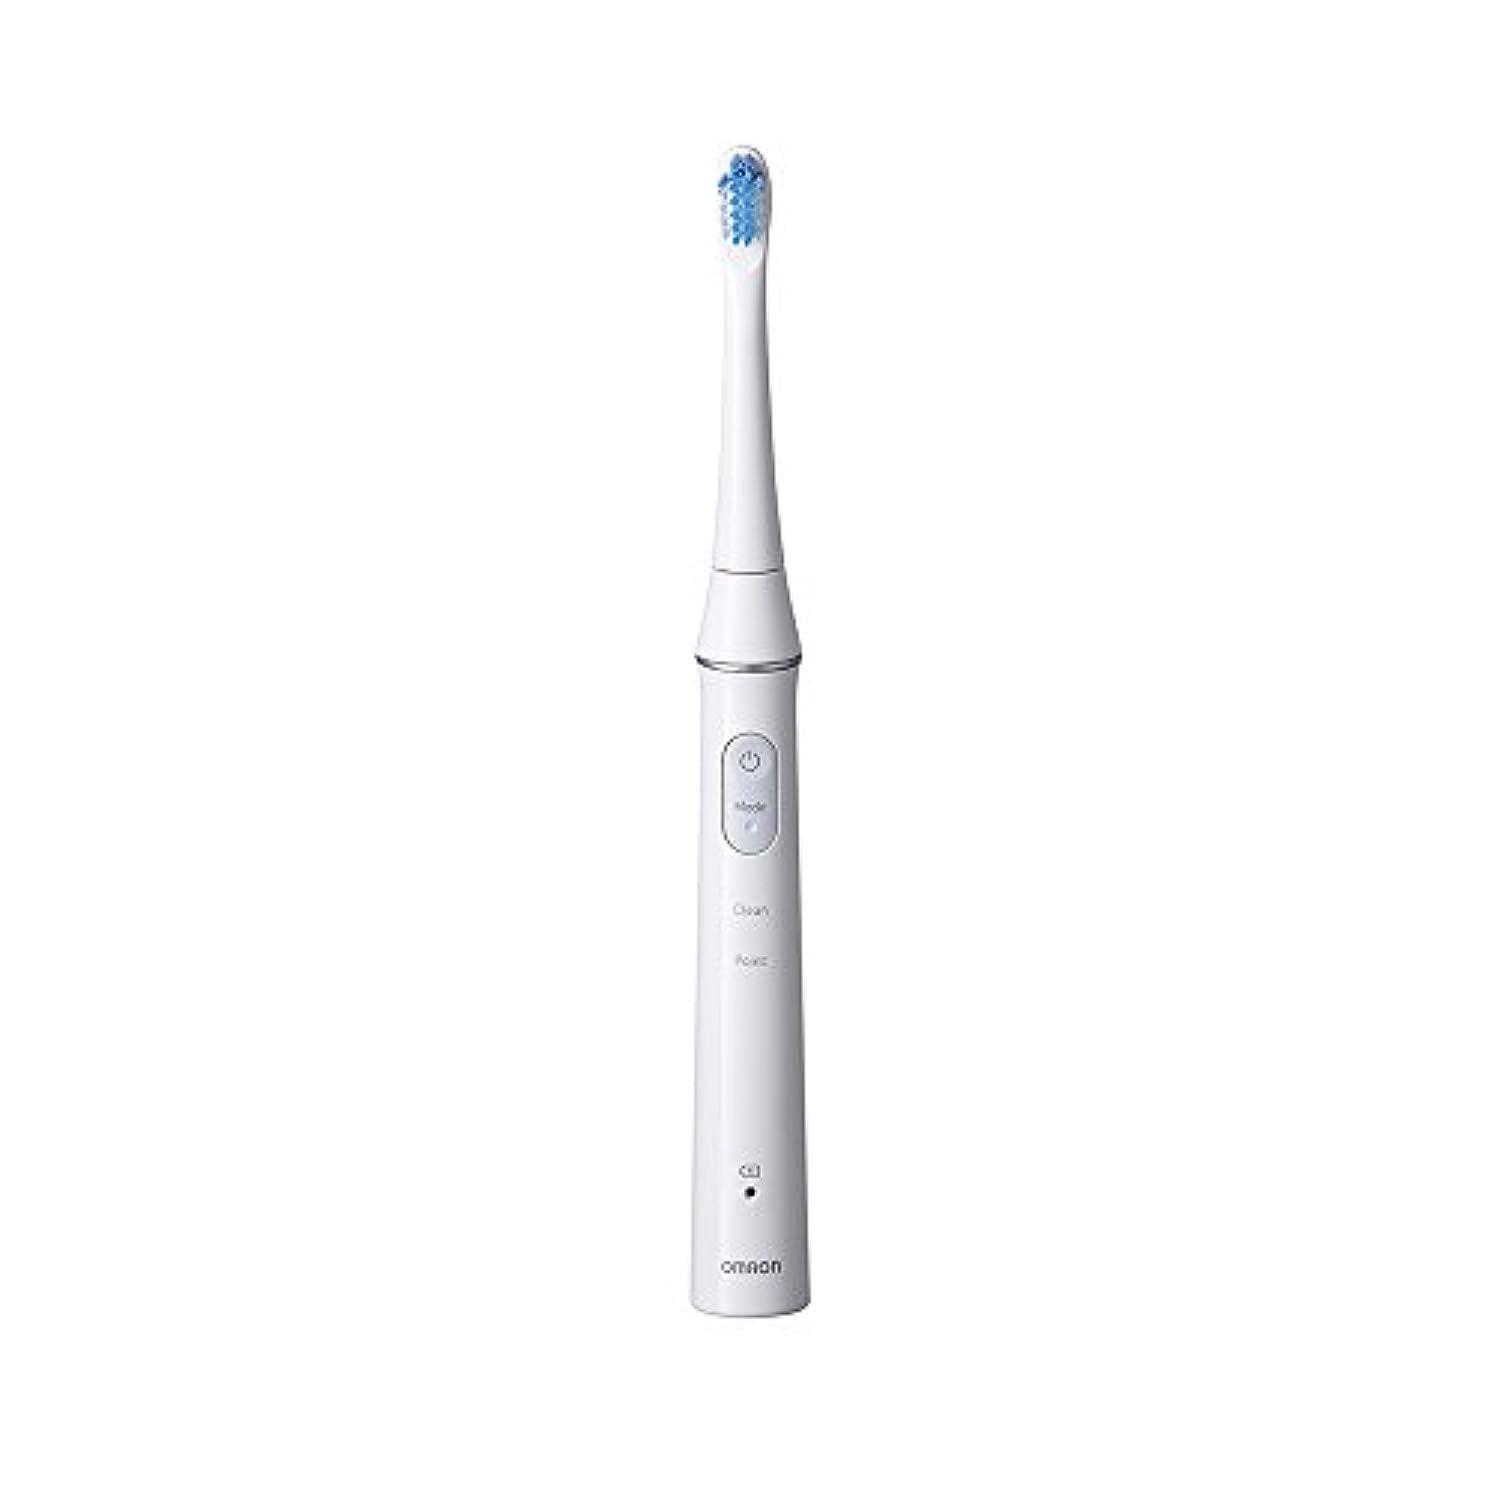 試用更新する不注意オムロン 電動歯ブラシOMRON Mediclean(メディクリーン) 音波式 HT-B313-W